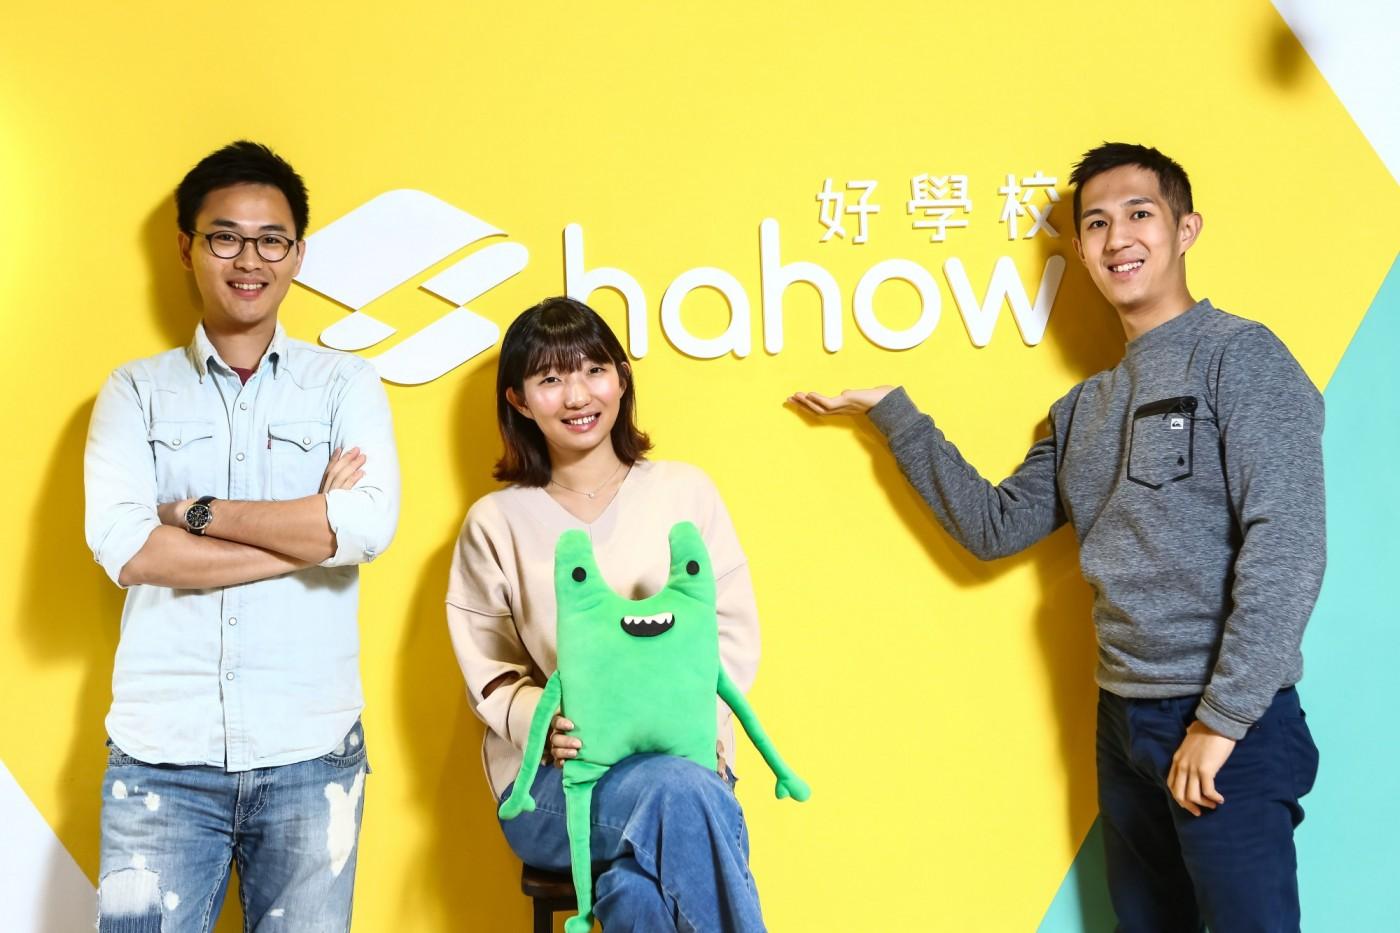 人資狂打電話詢問!Hahow插旗企業服務,如何吸引員工線上自學?